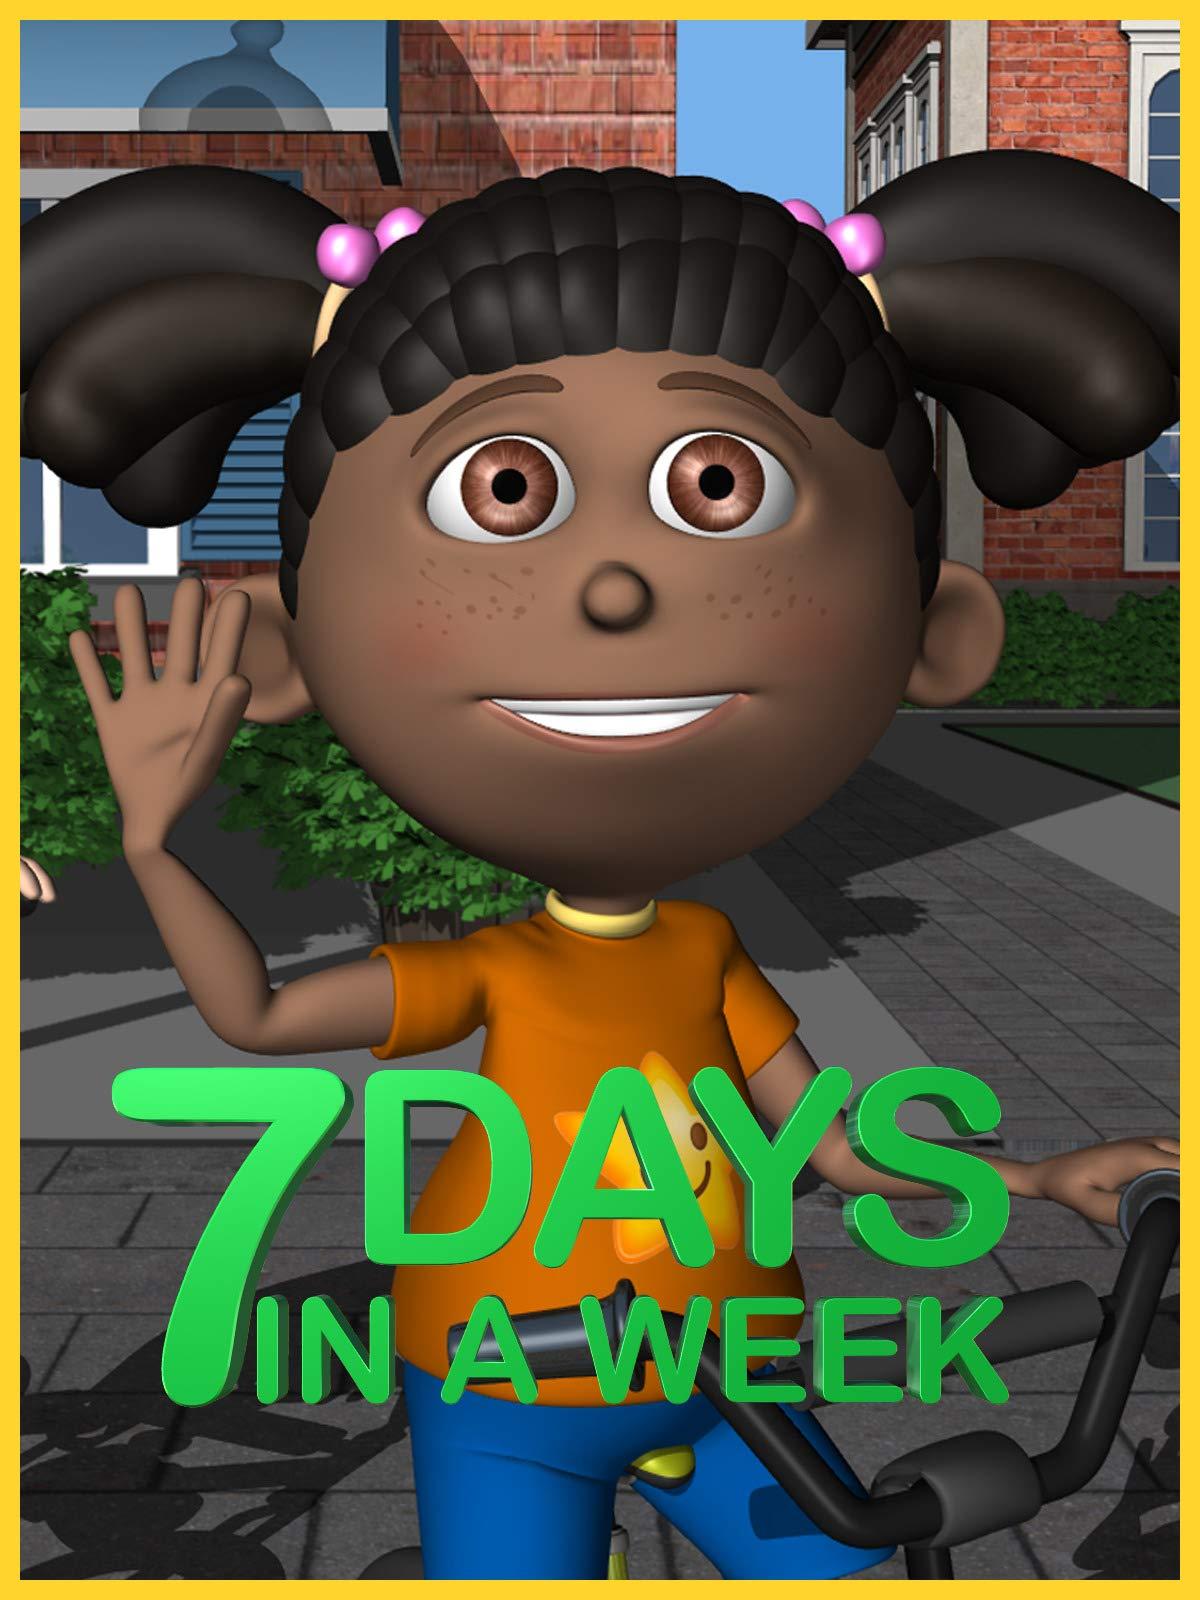 Days of the Week (7 Days in a Week): Kidspace Studios